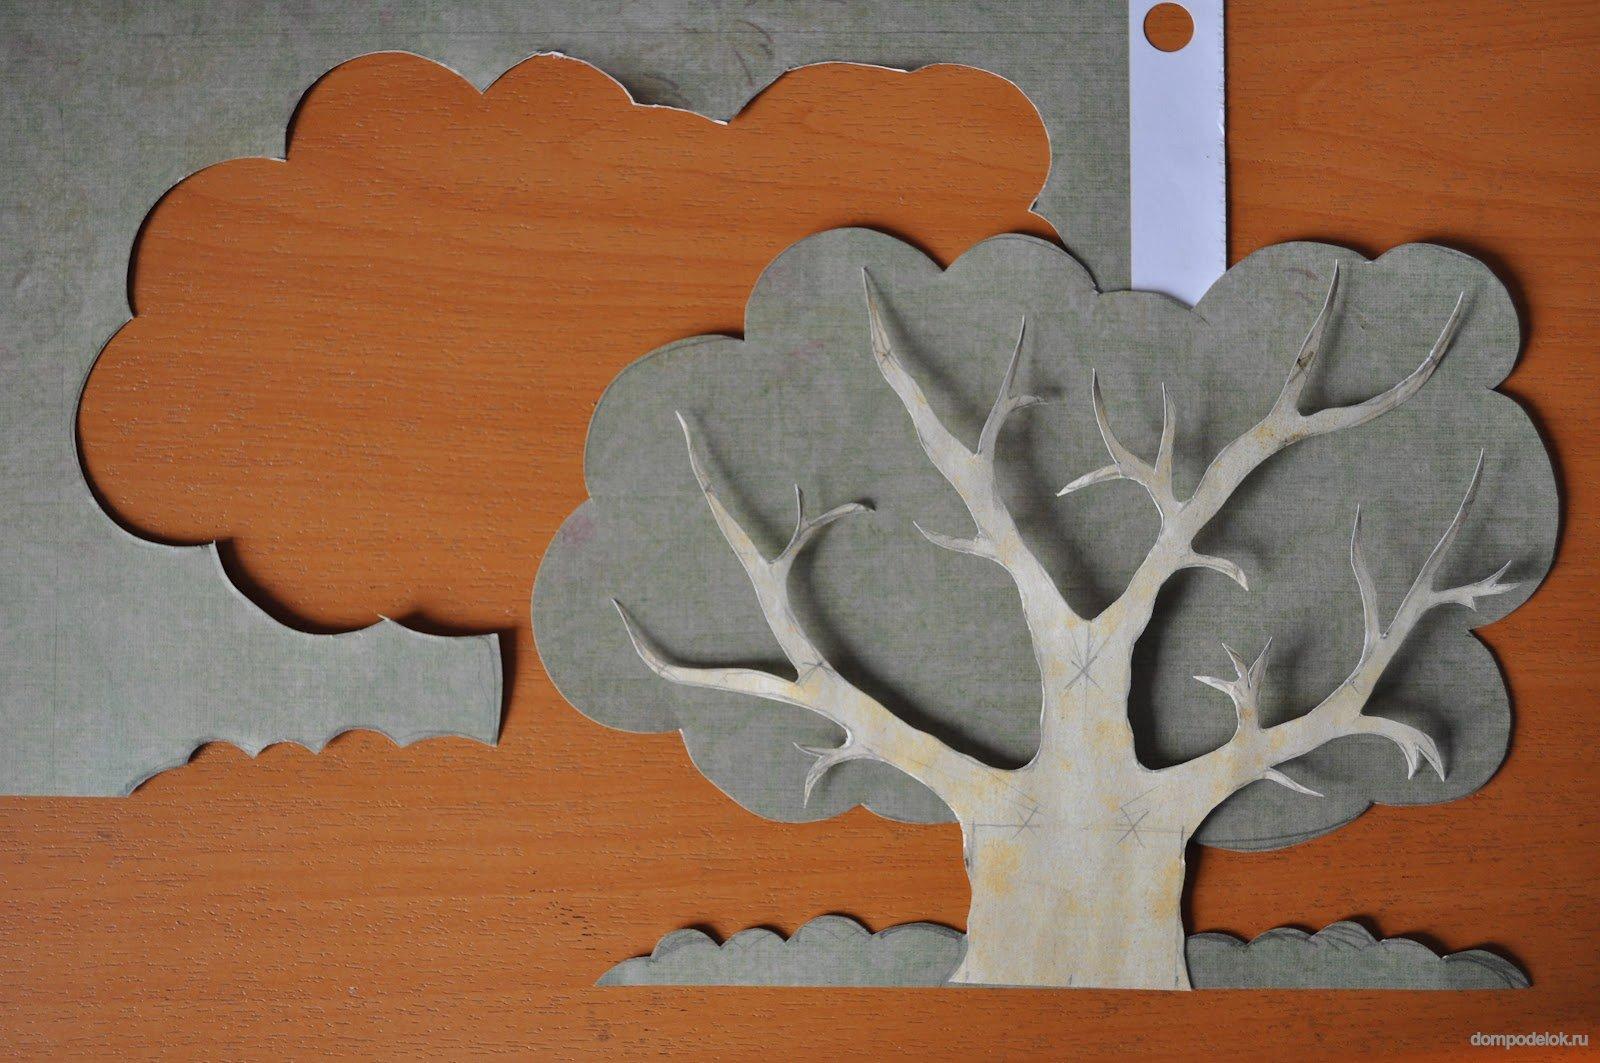 Сделать дерево для садика своими руками фото 570